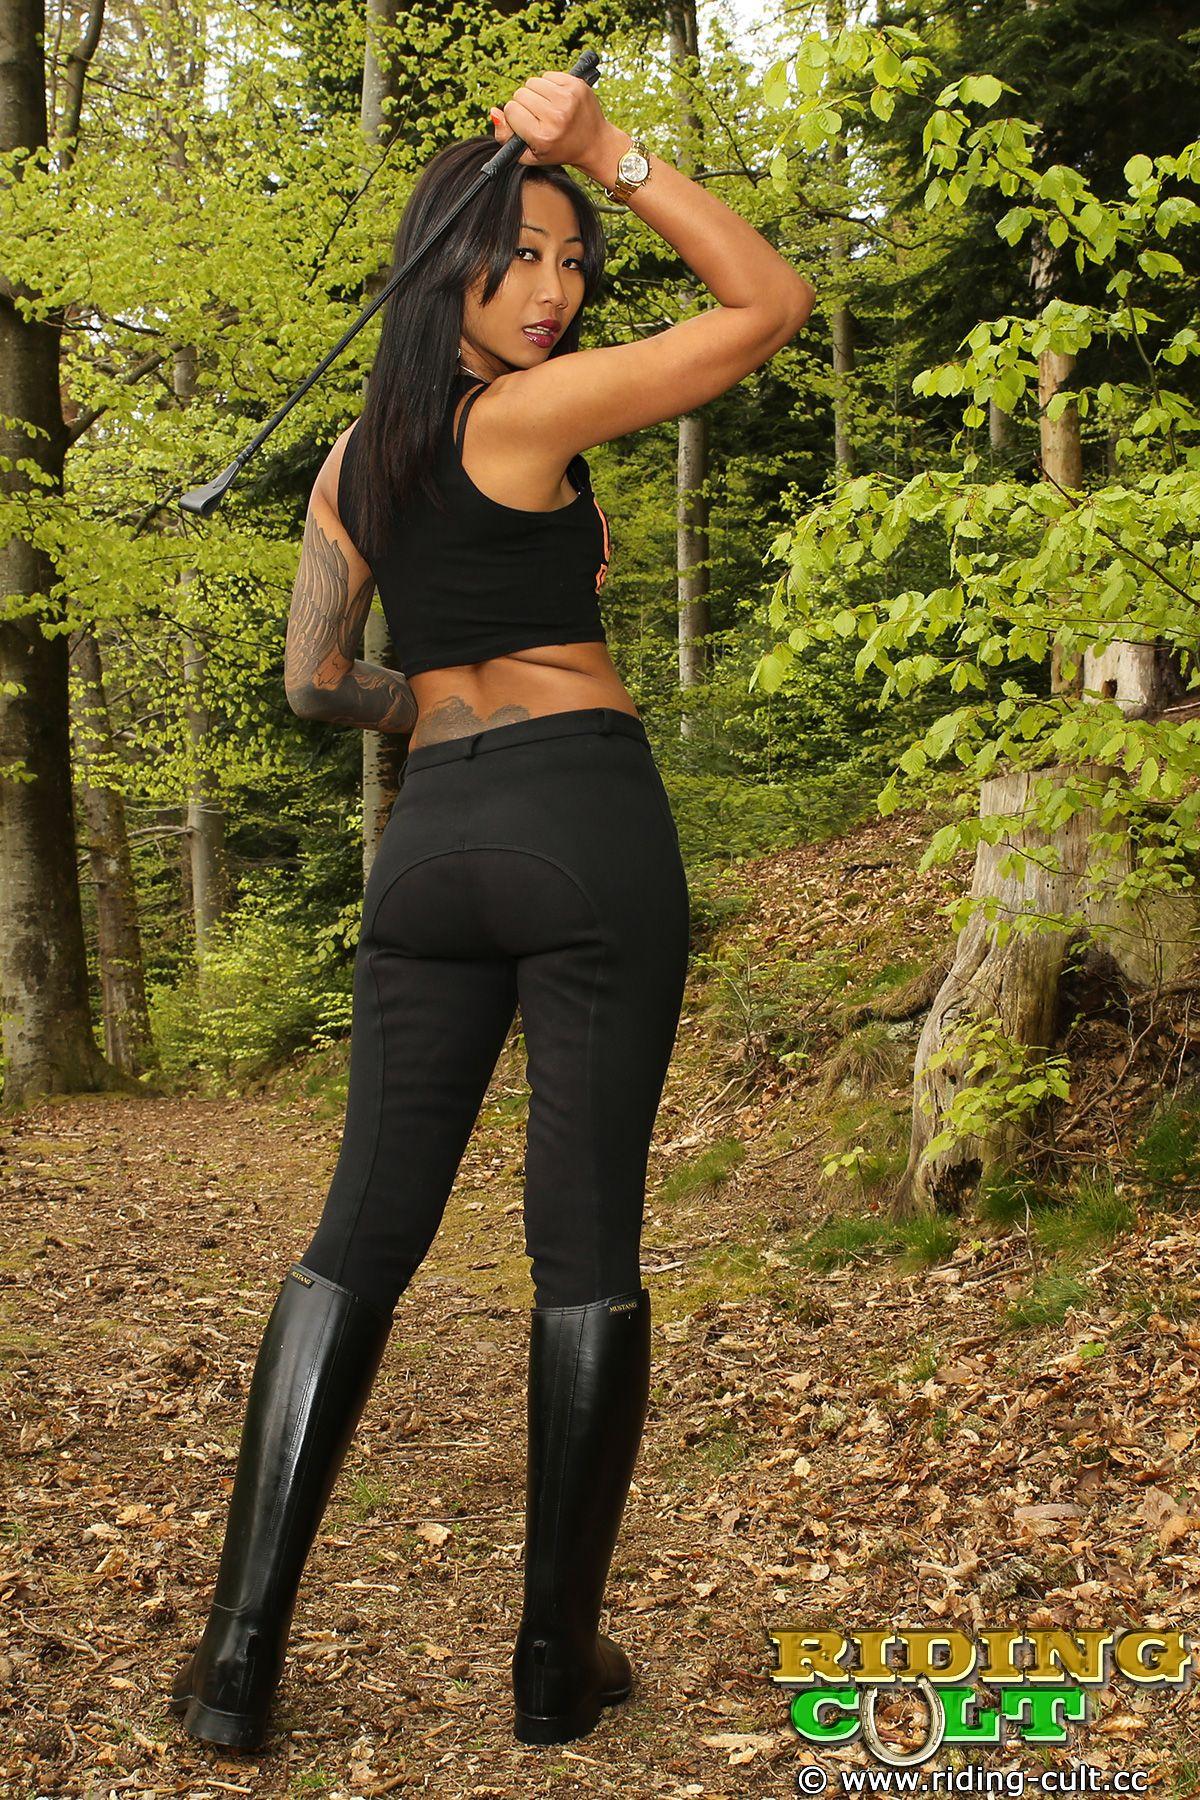 PONYPLAY • Thema anzeigen - Wer hat Lust auf ein Update mit LADY ASIA ?? Riding  BootsEquestrianMistressLustTattooed ...